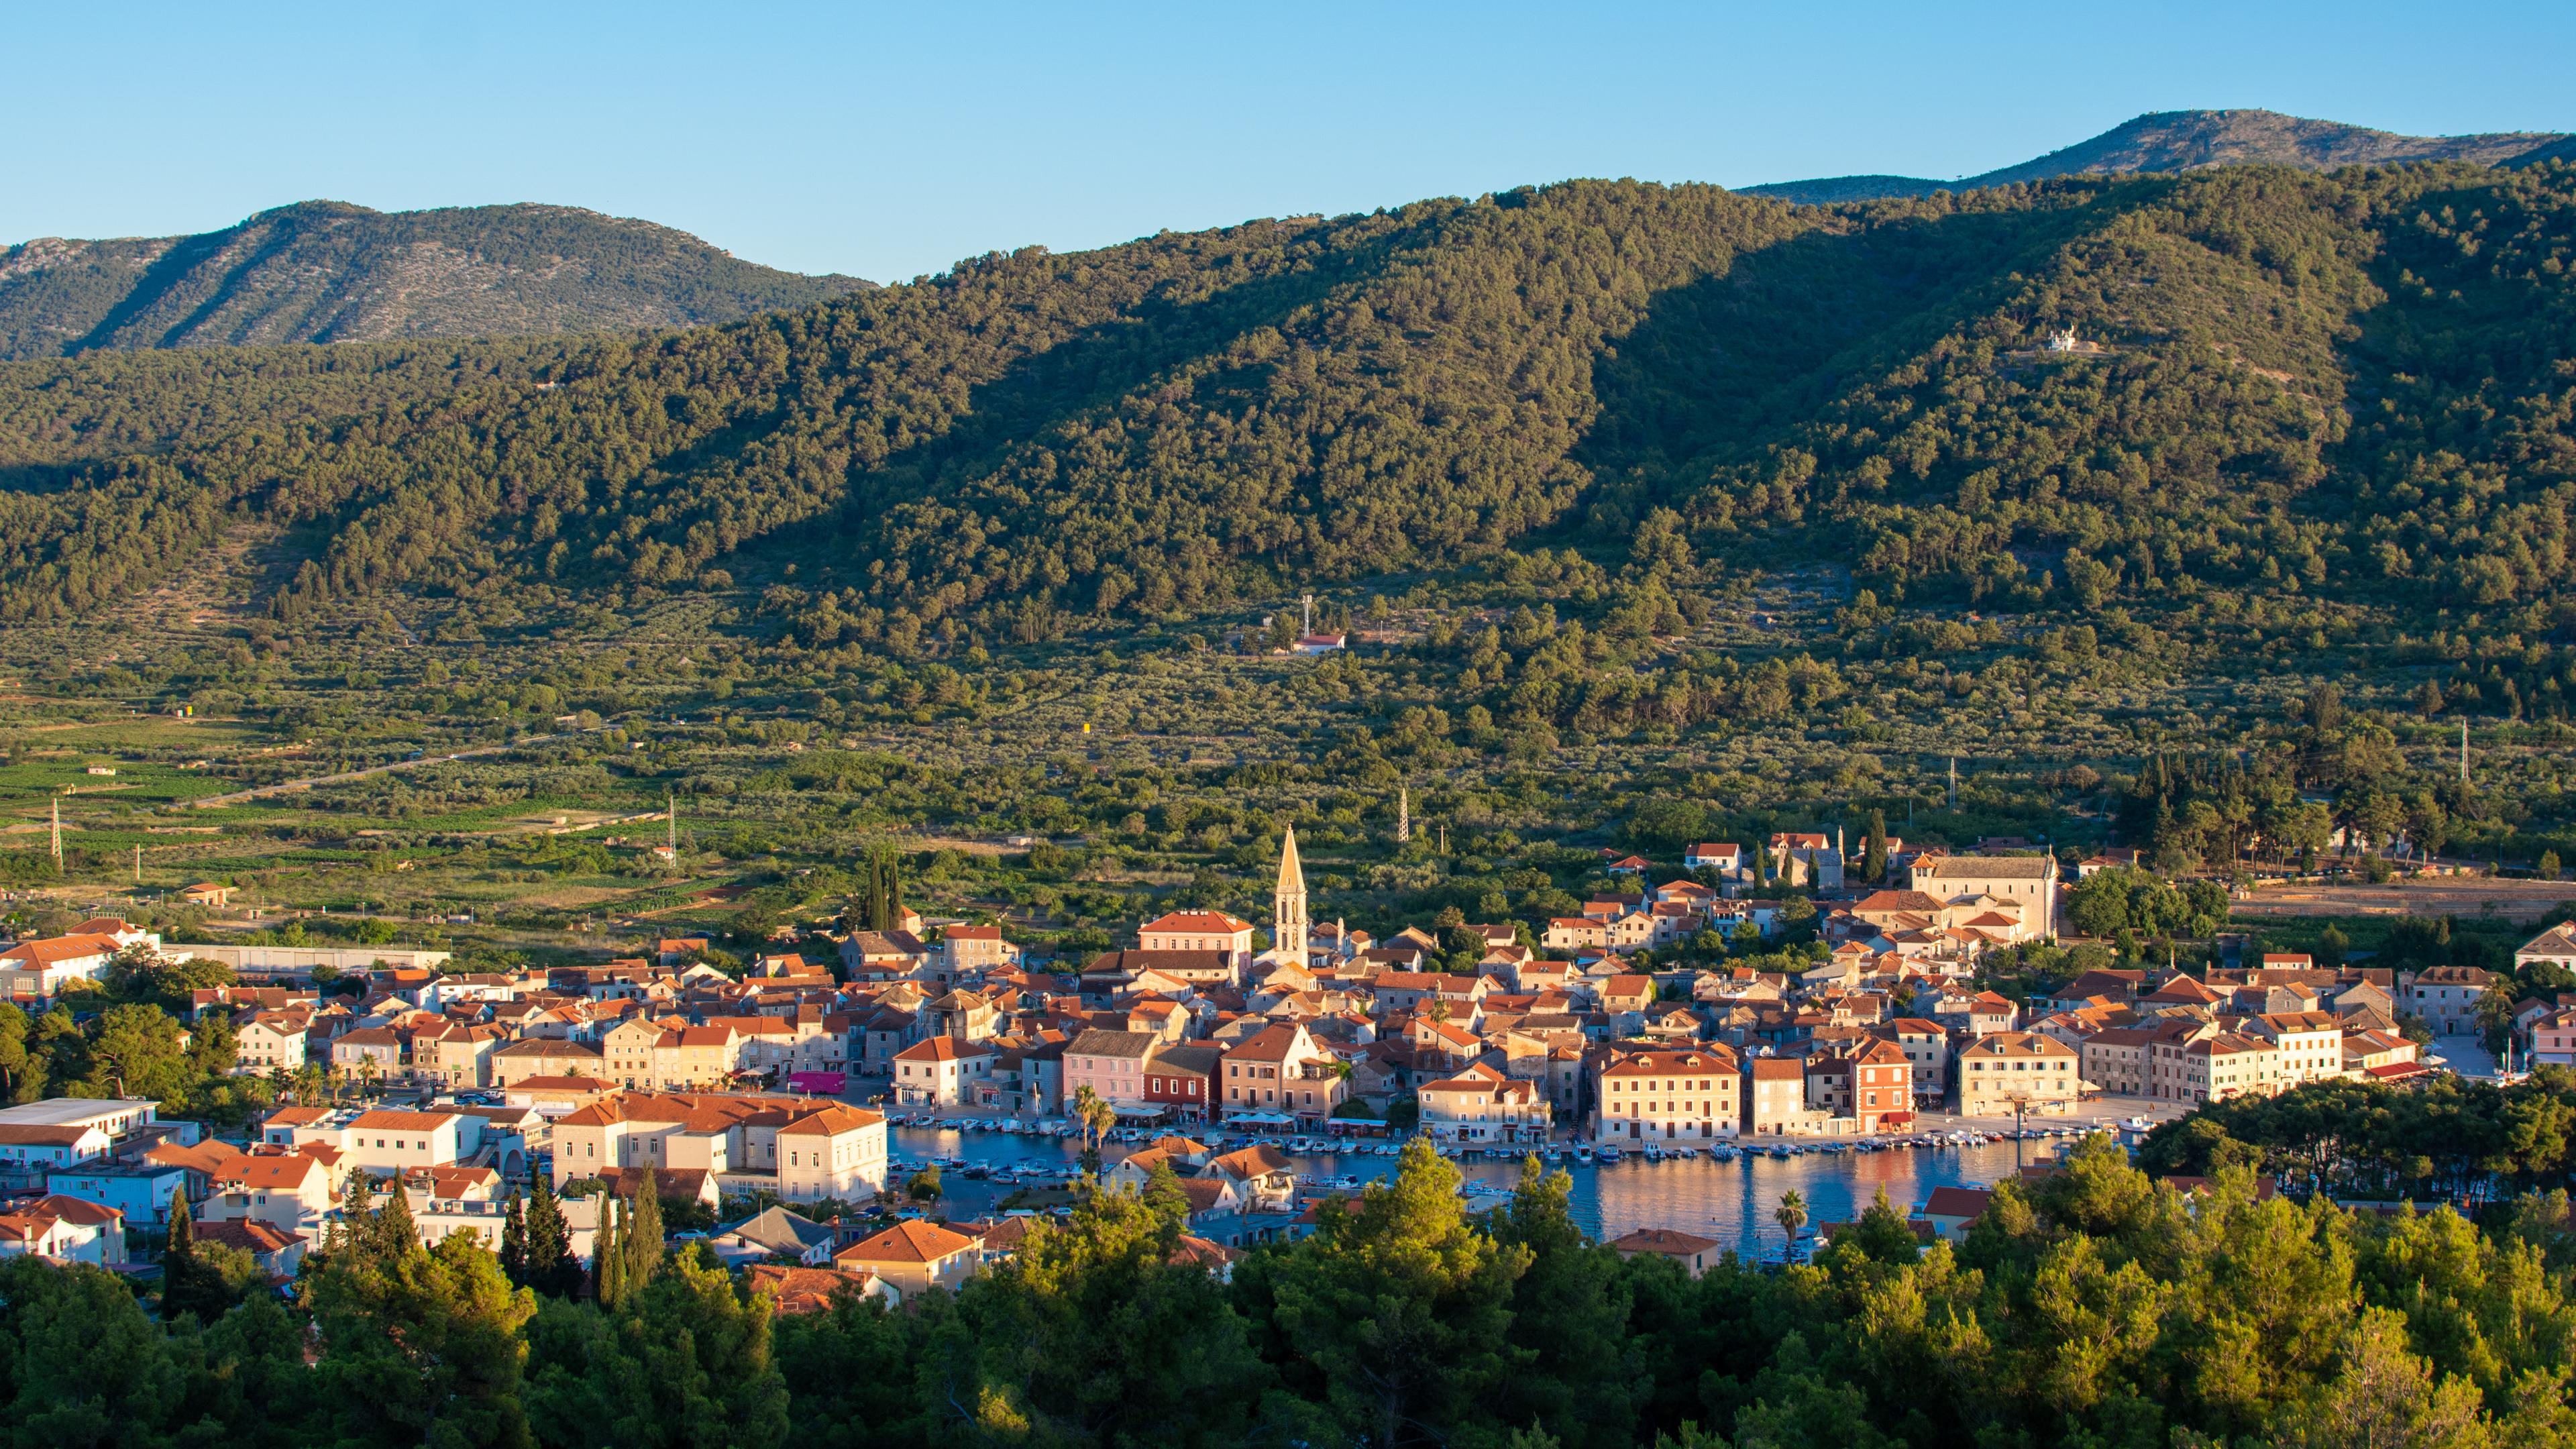 Widok na Stari Grad z pobliskiego wzgórza